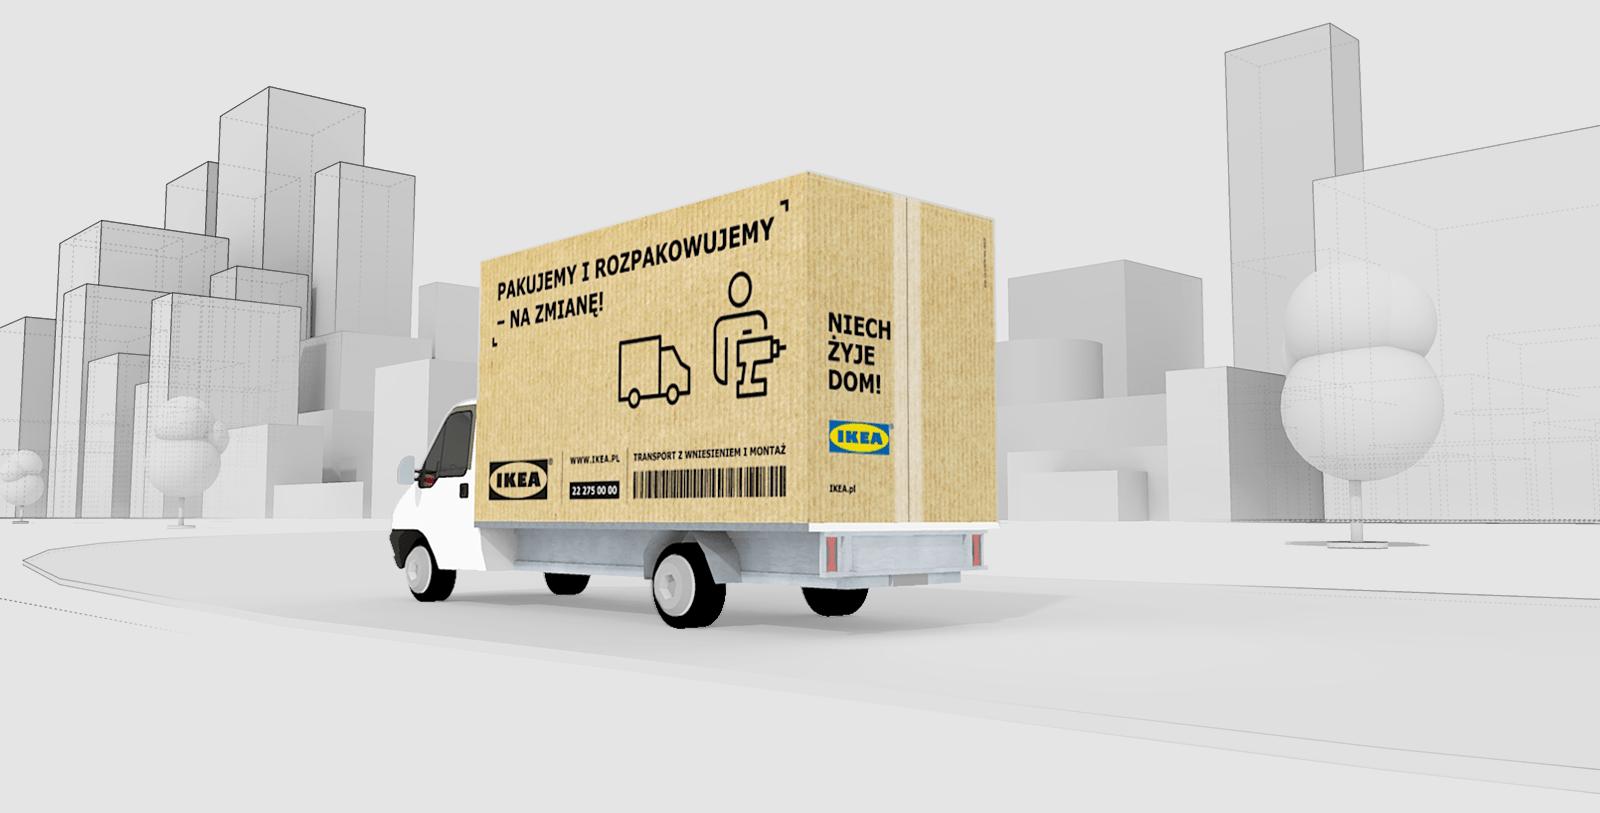 IKEA Van Kfz Lieferwagen Perspektive